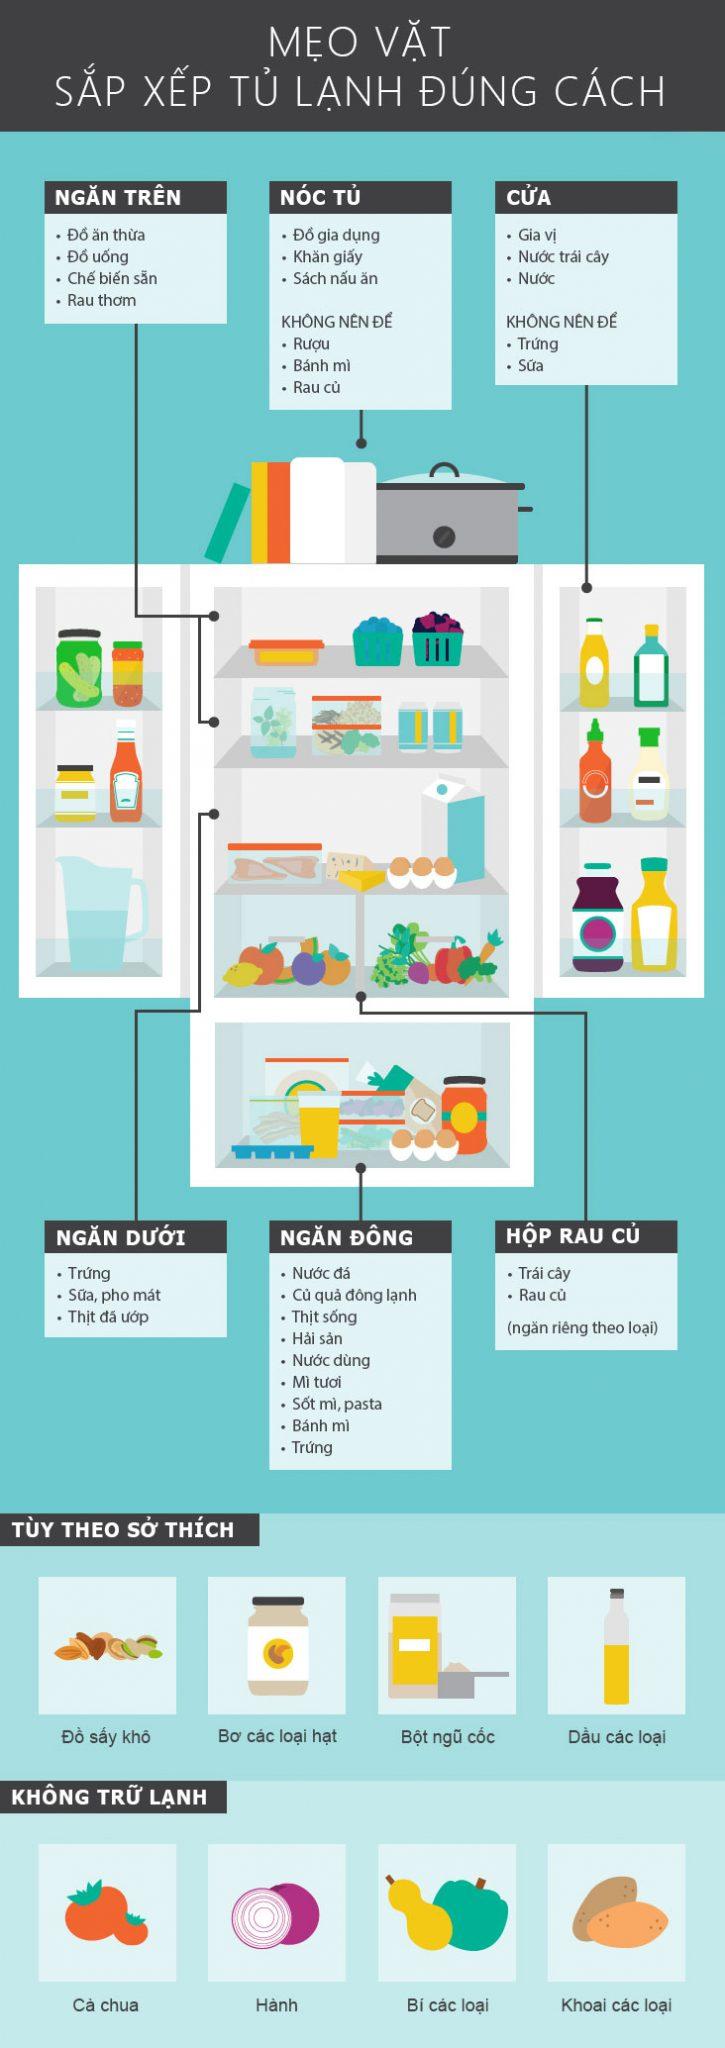 Hướng dẫn cách bảo quản thực phẩm tươi ngon đúng